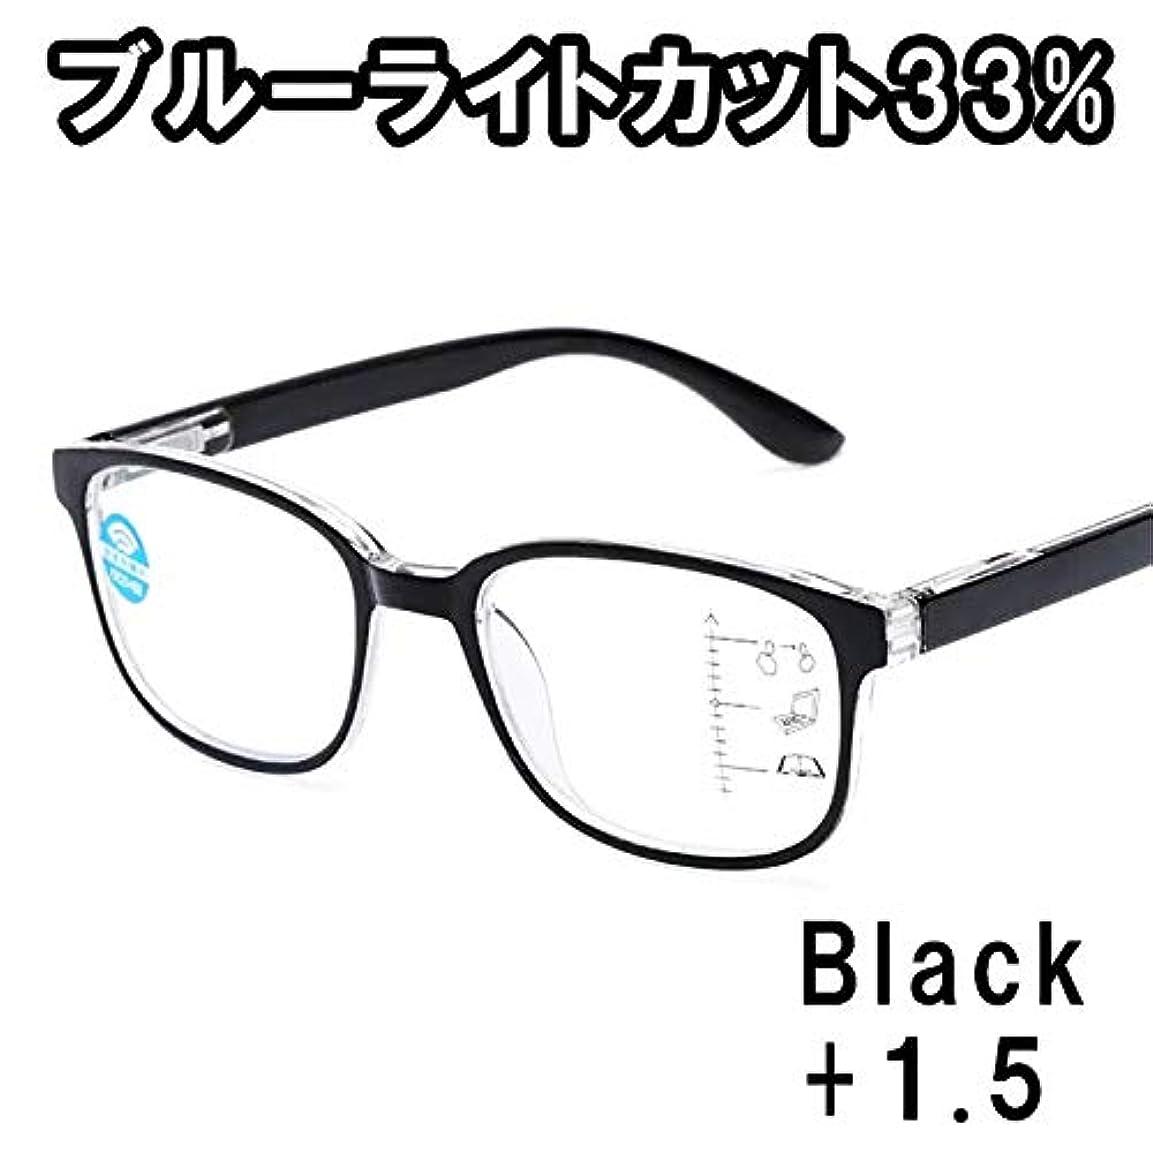 誤解おそらく巻き取り男女兼用 リーディンググラス 老眼鏡 メガネ 頑丈 軽量 UVカット ブルーライトカット +1.0 +1.5 +2.0 (ブラック+1.5)